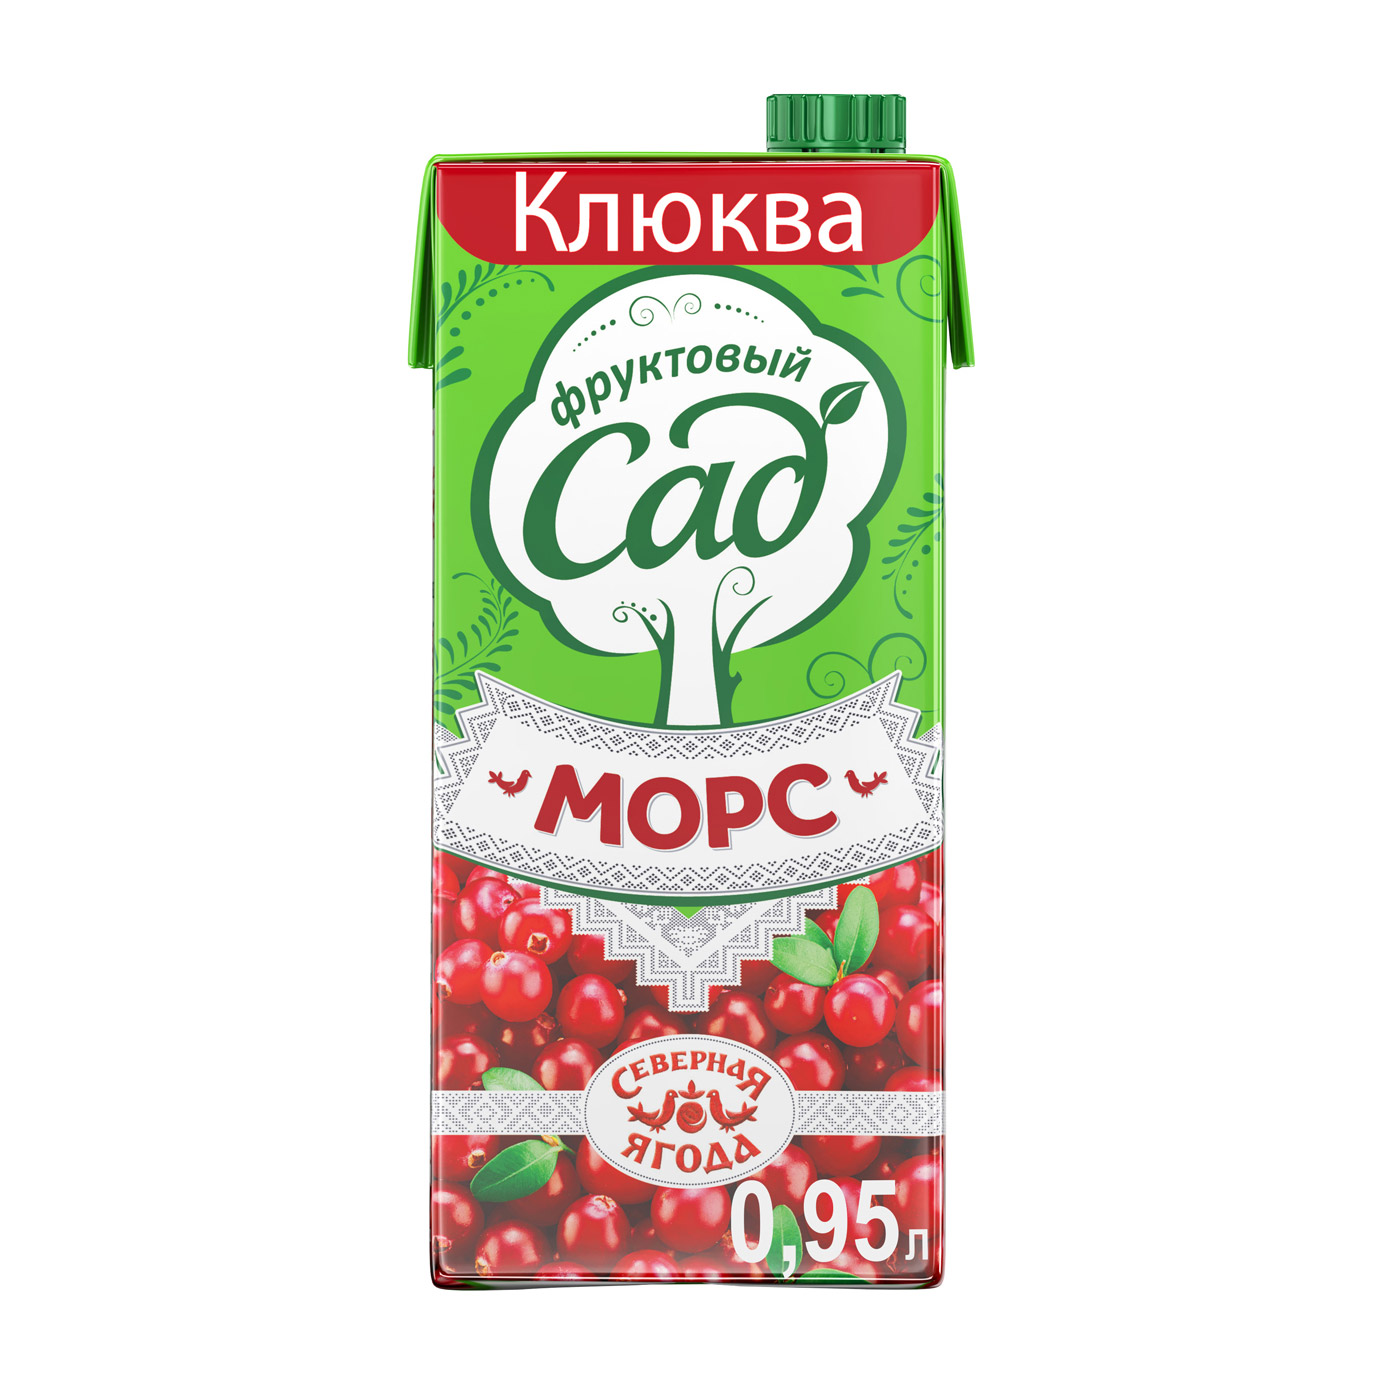 Морс Фруктовый Сад Клюква 0,95 л